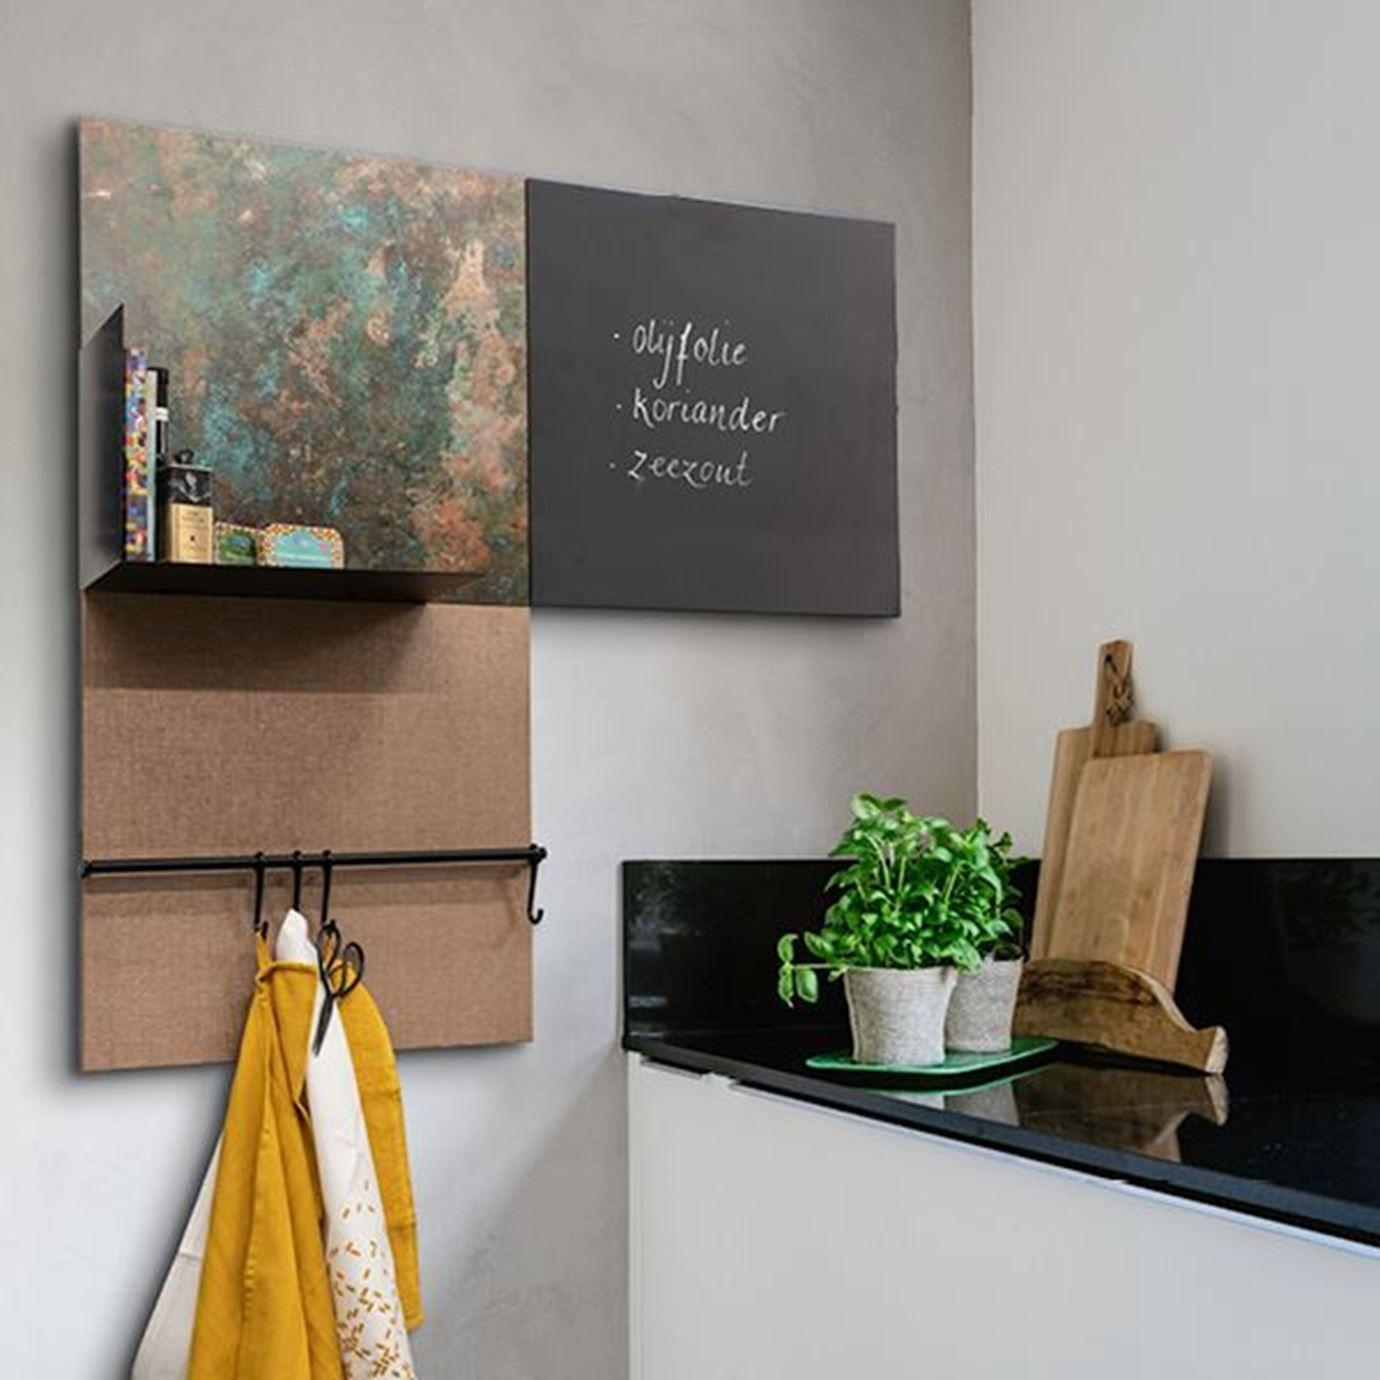 Dockfour Keuken Krijtbord Thuisdecoratie Woonideeen Keuken In Woonkamer